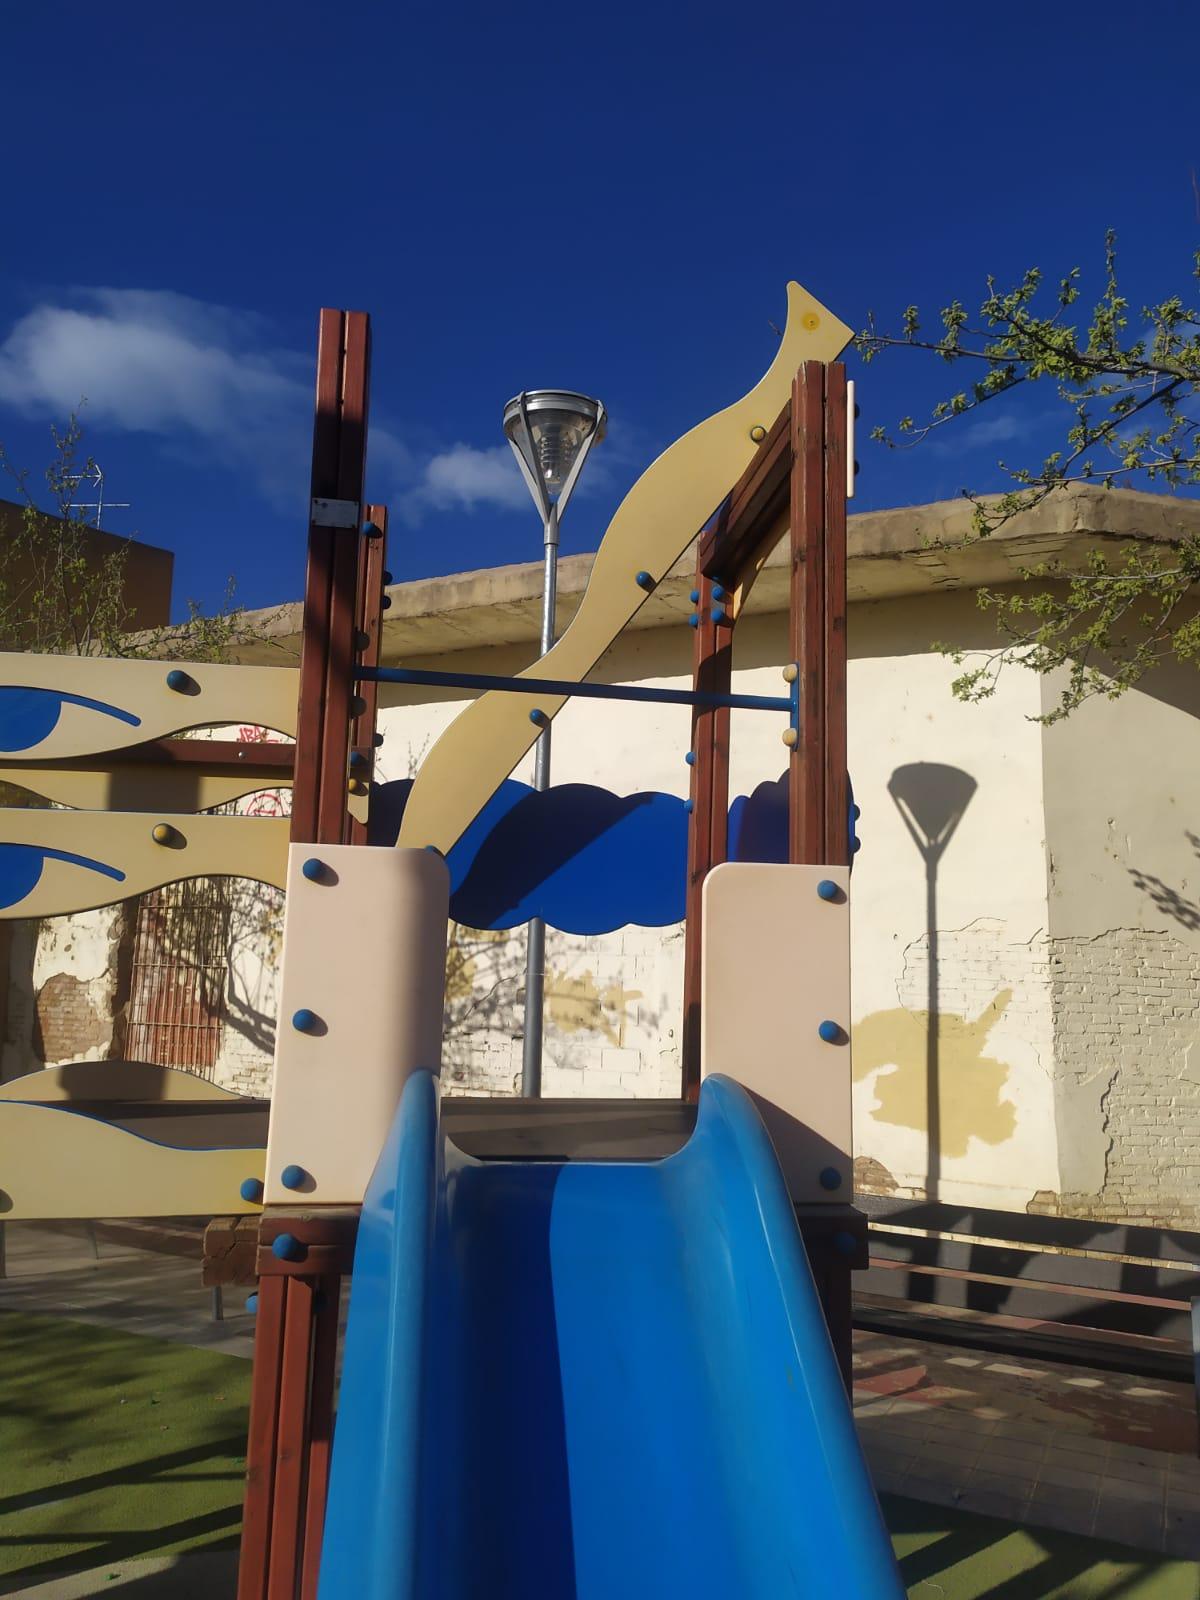 columpios Parque del Barranc de Massanassa